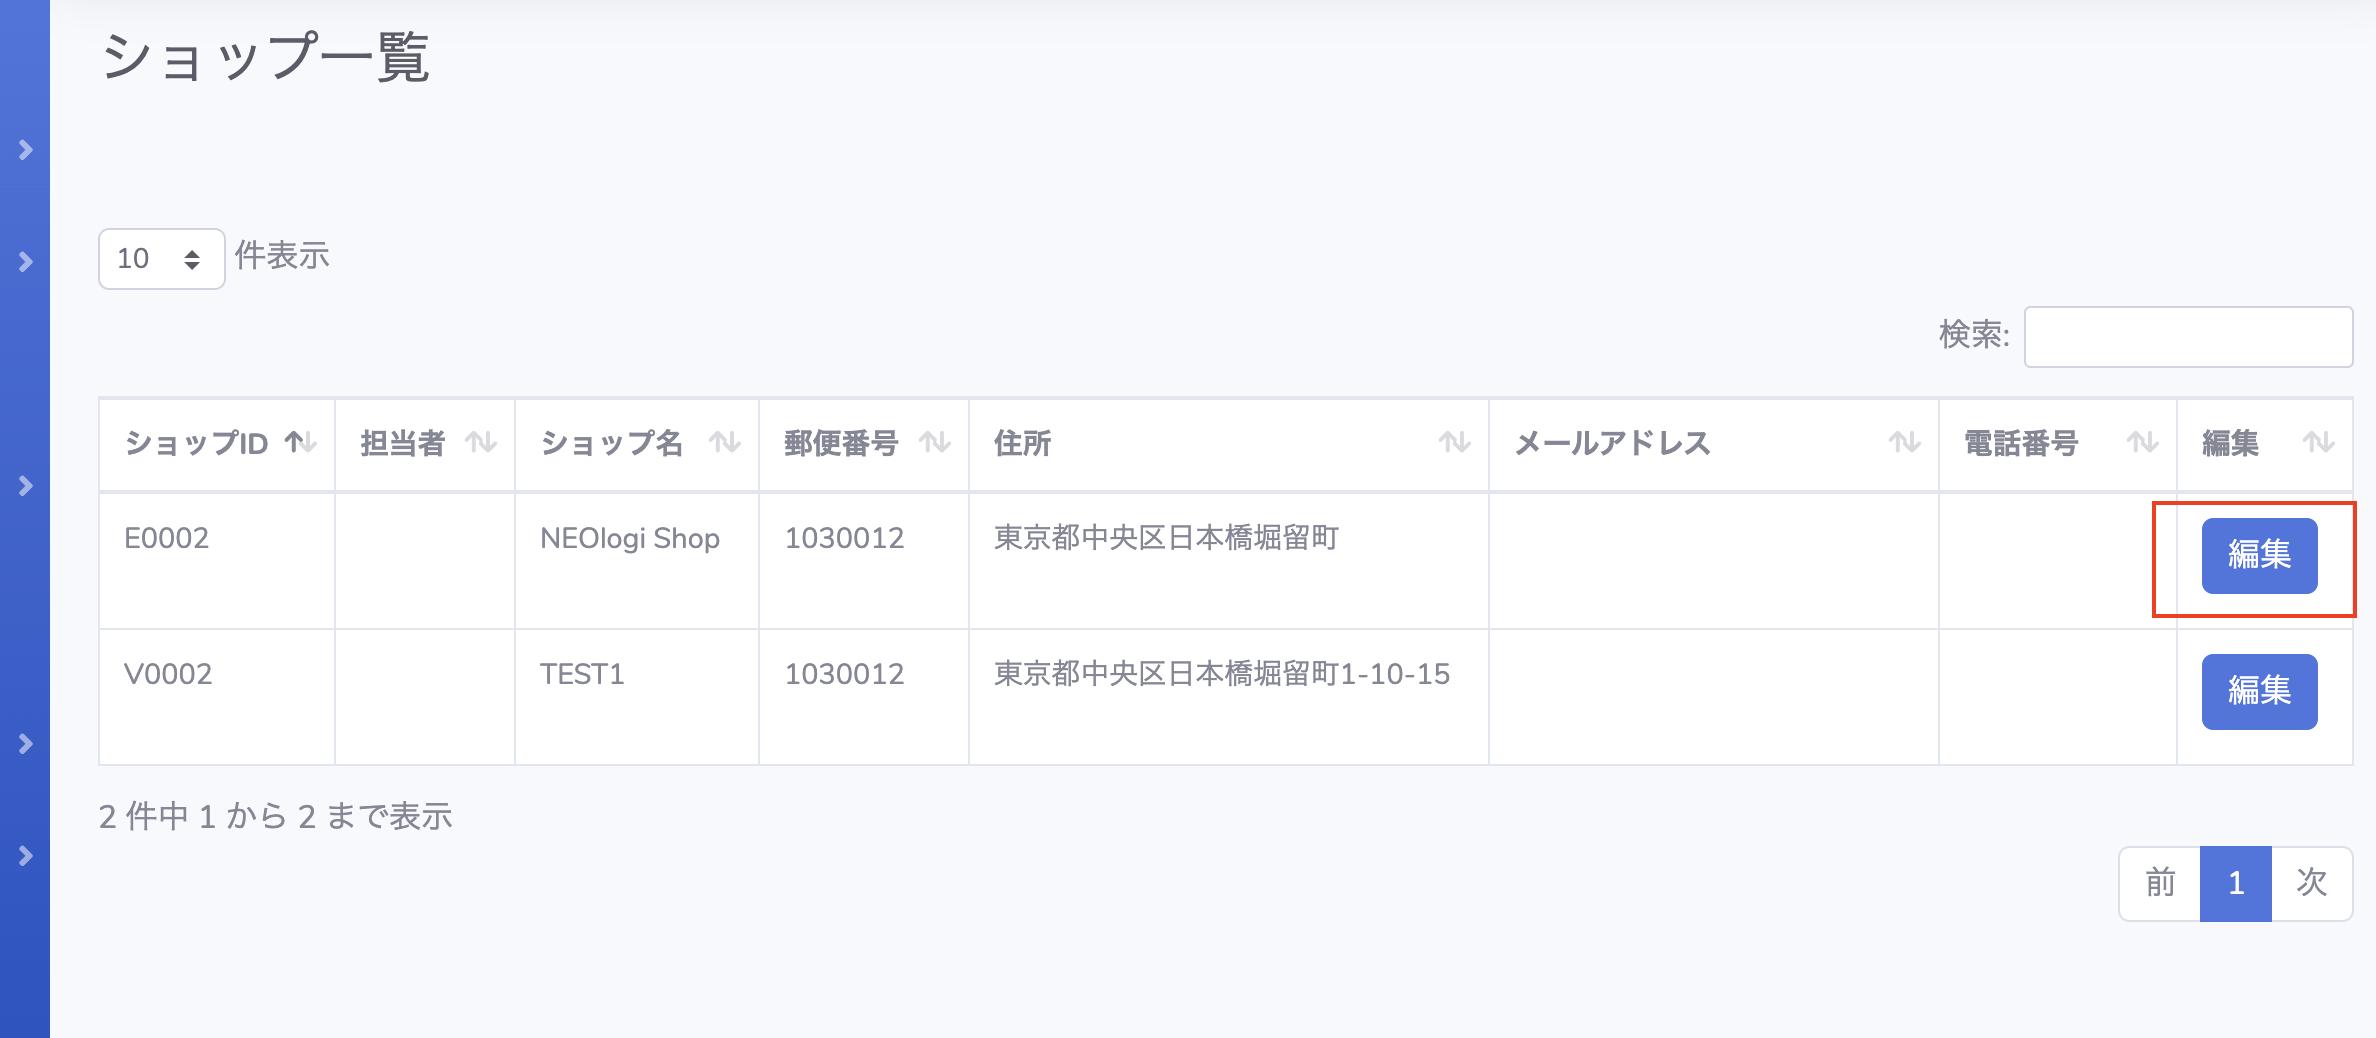 スクリーンショット 2020-06-12 20.08.04.png